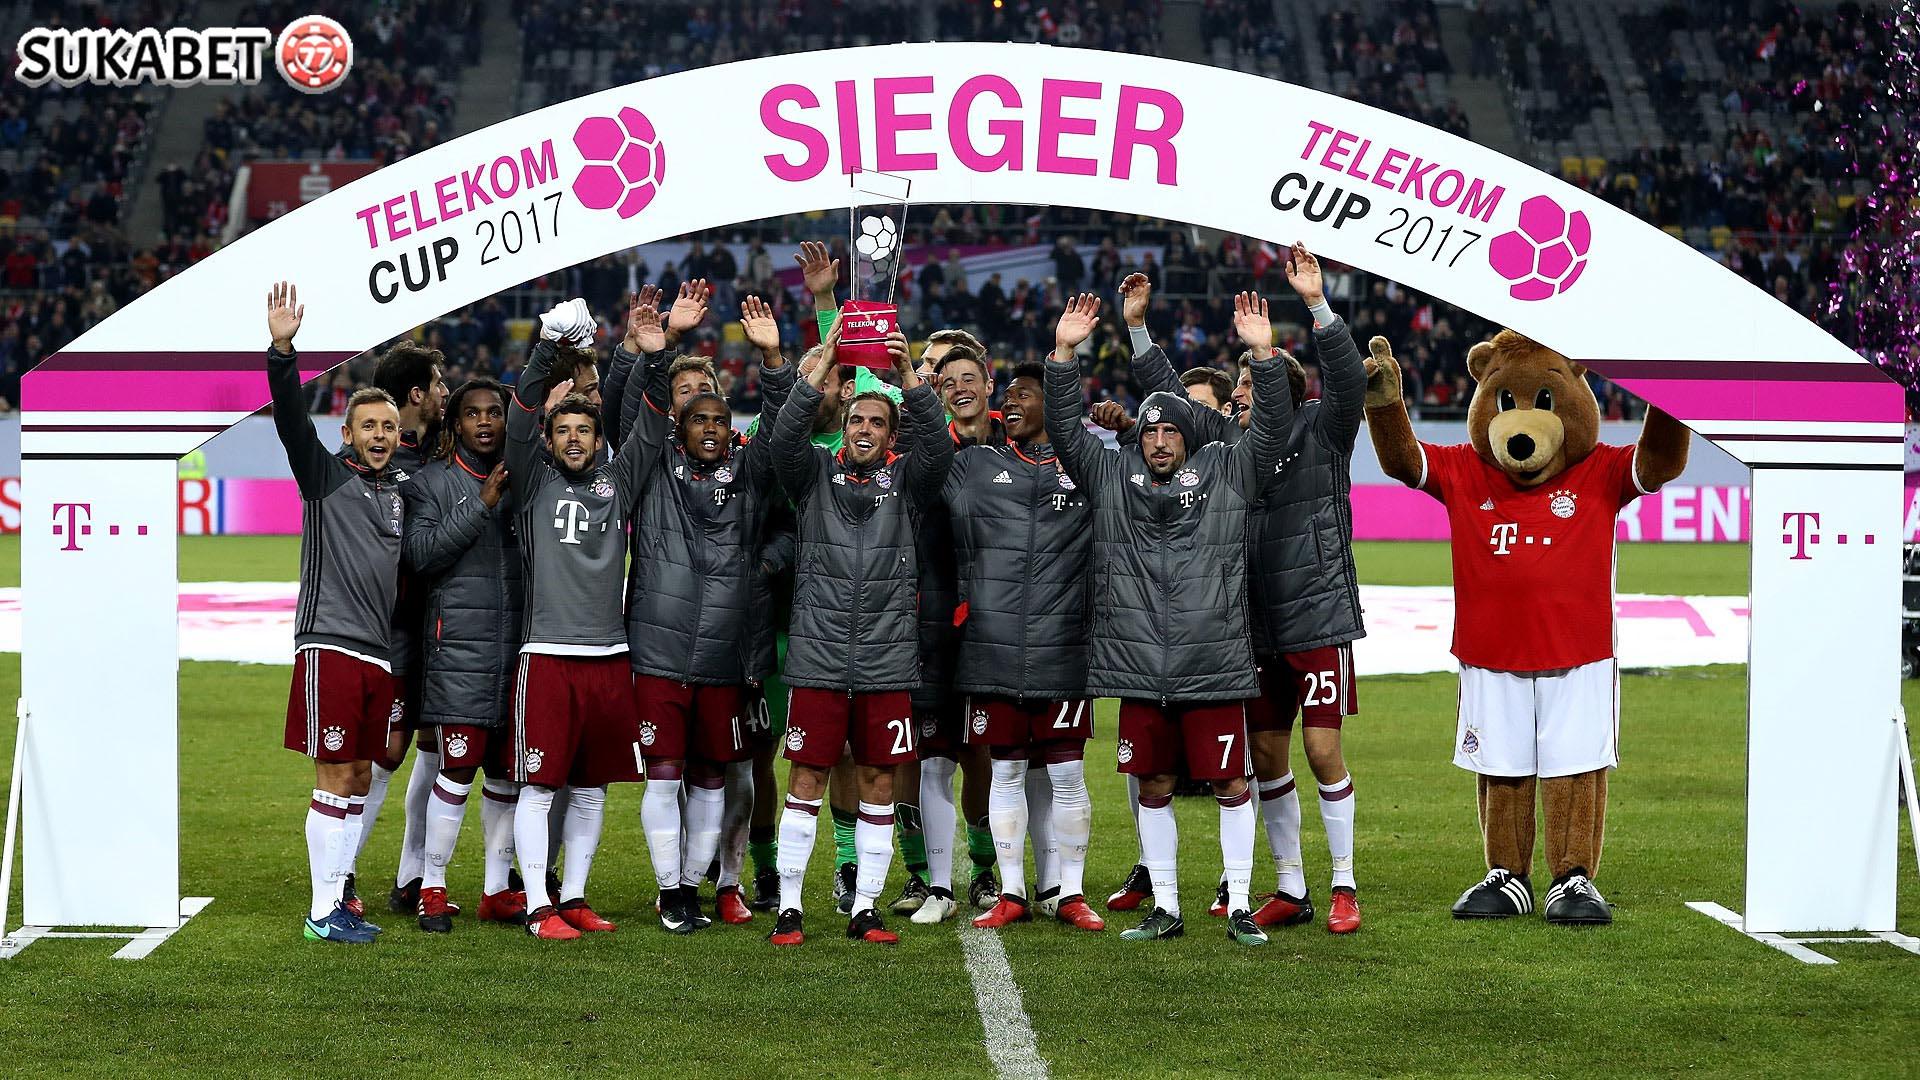 Bayern Juara Telekom Cup 2017